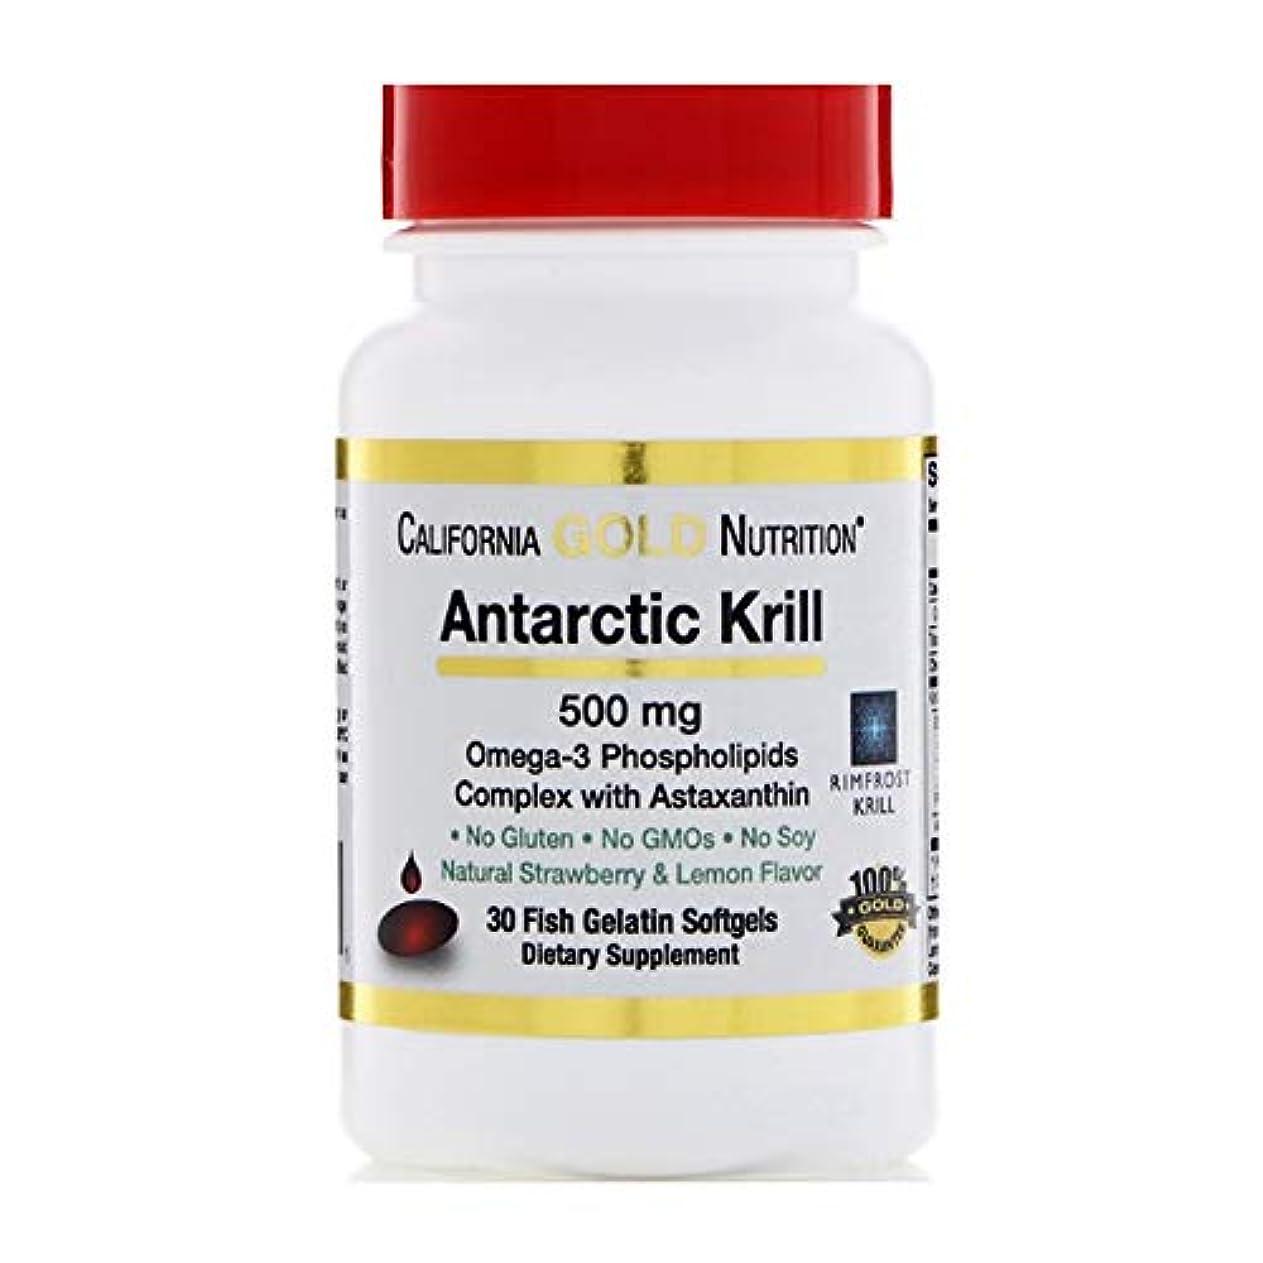 膨らませる知っているに立ち寄る流すCalifornia Gold Nutrition Antarctic Krill Oil アスタキサンチン配合 RIMFROST 天然イチゴ レモン味 500 mg フィッシュゼラチンソフトジェル 120粒 【アメリカ直送】